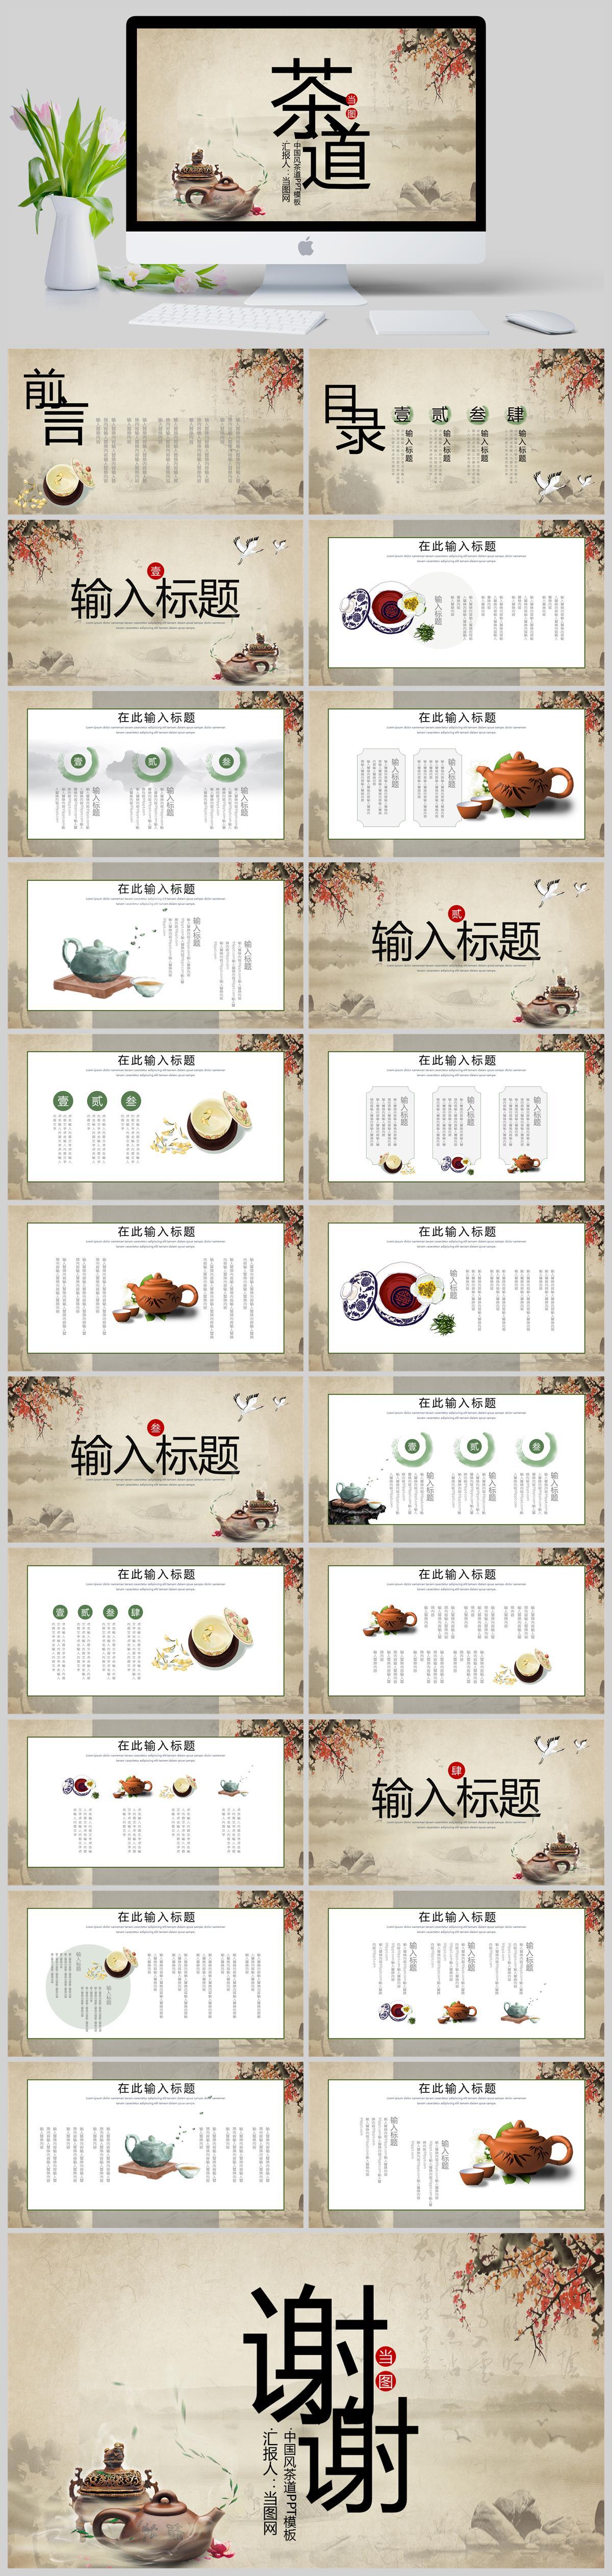 中国风茶道PPT亚博体育主页